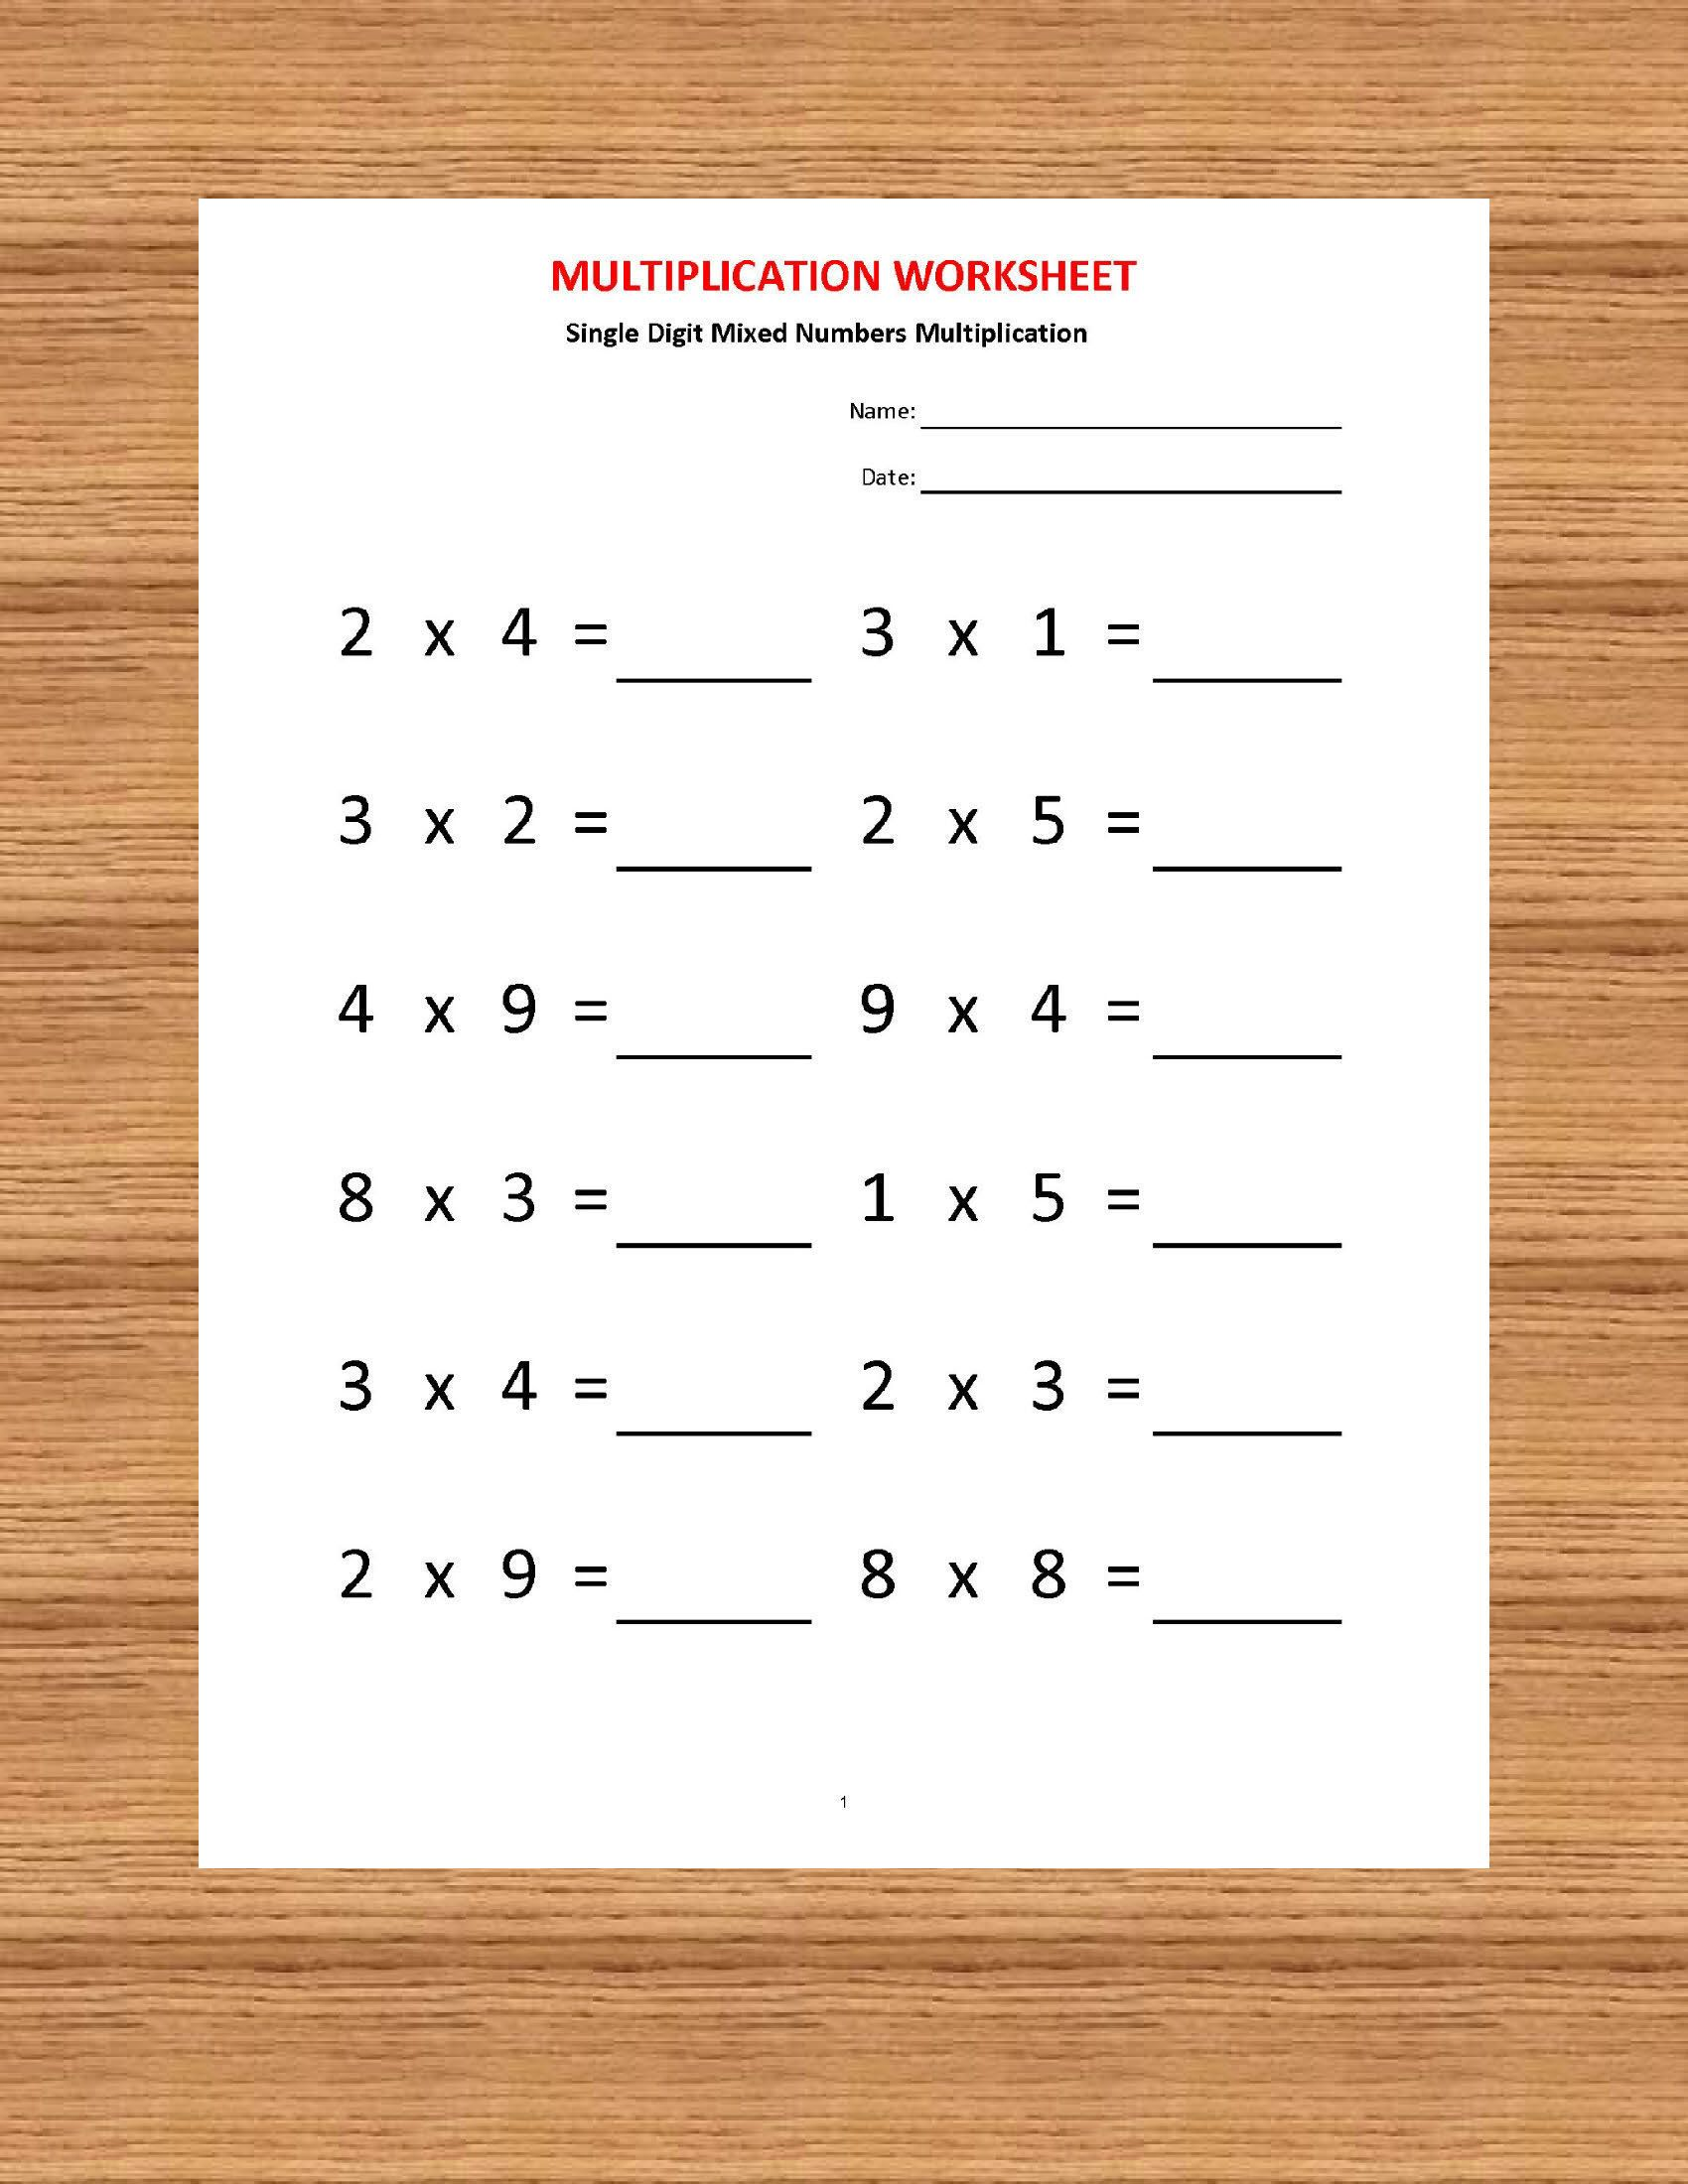 Multiplication Worksheets Printable worksheets   Etsy   2nd grade worksheets [ 2200 x 1700 Pixel ]